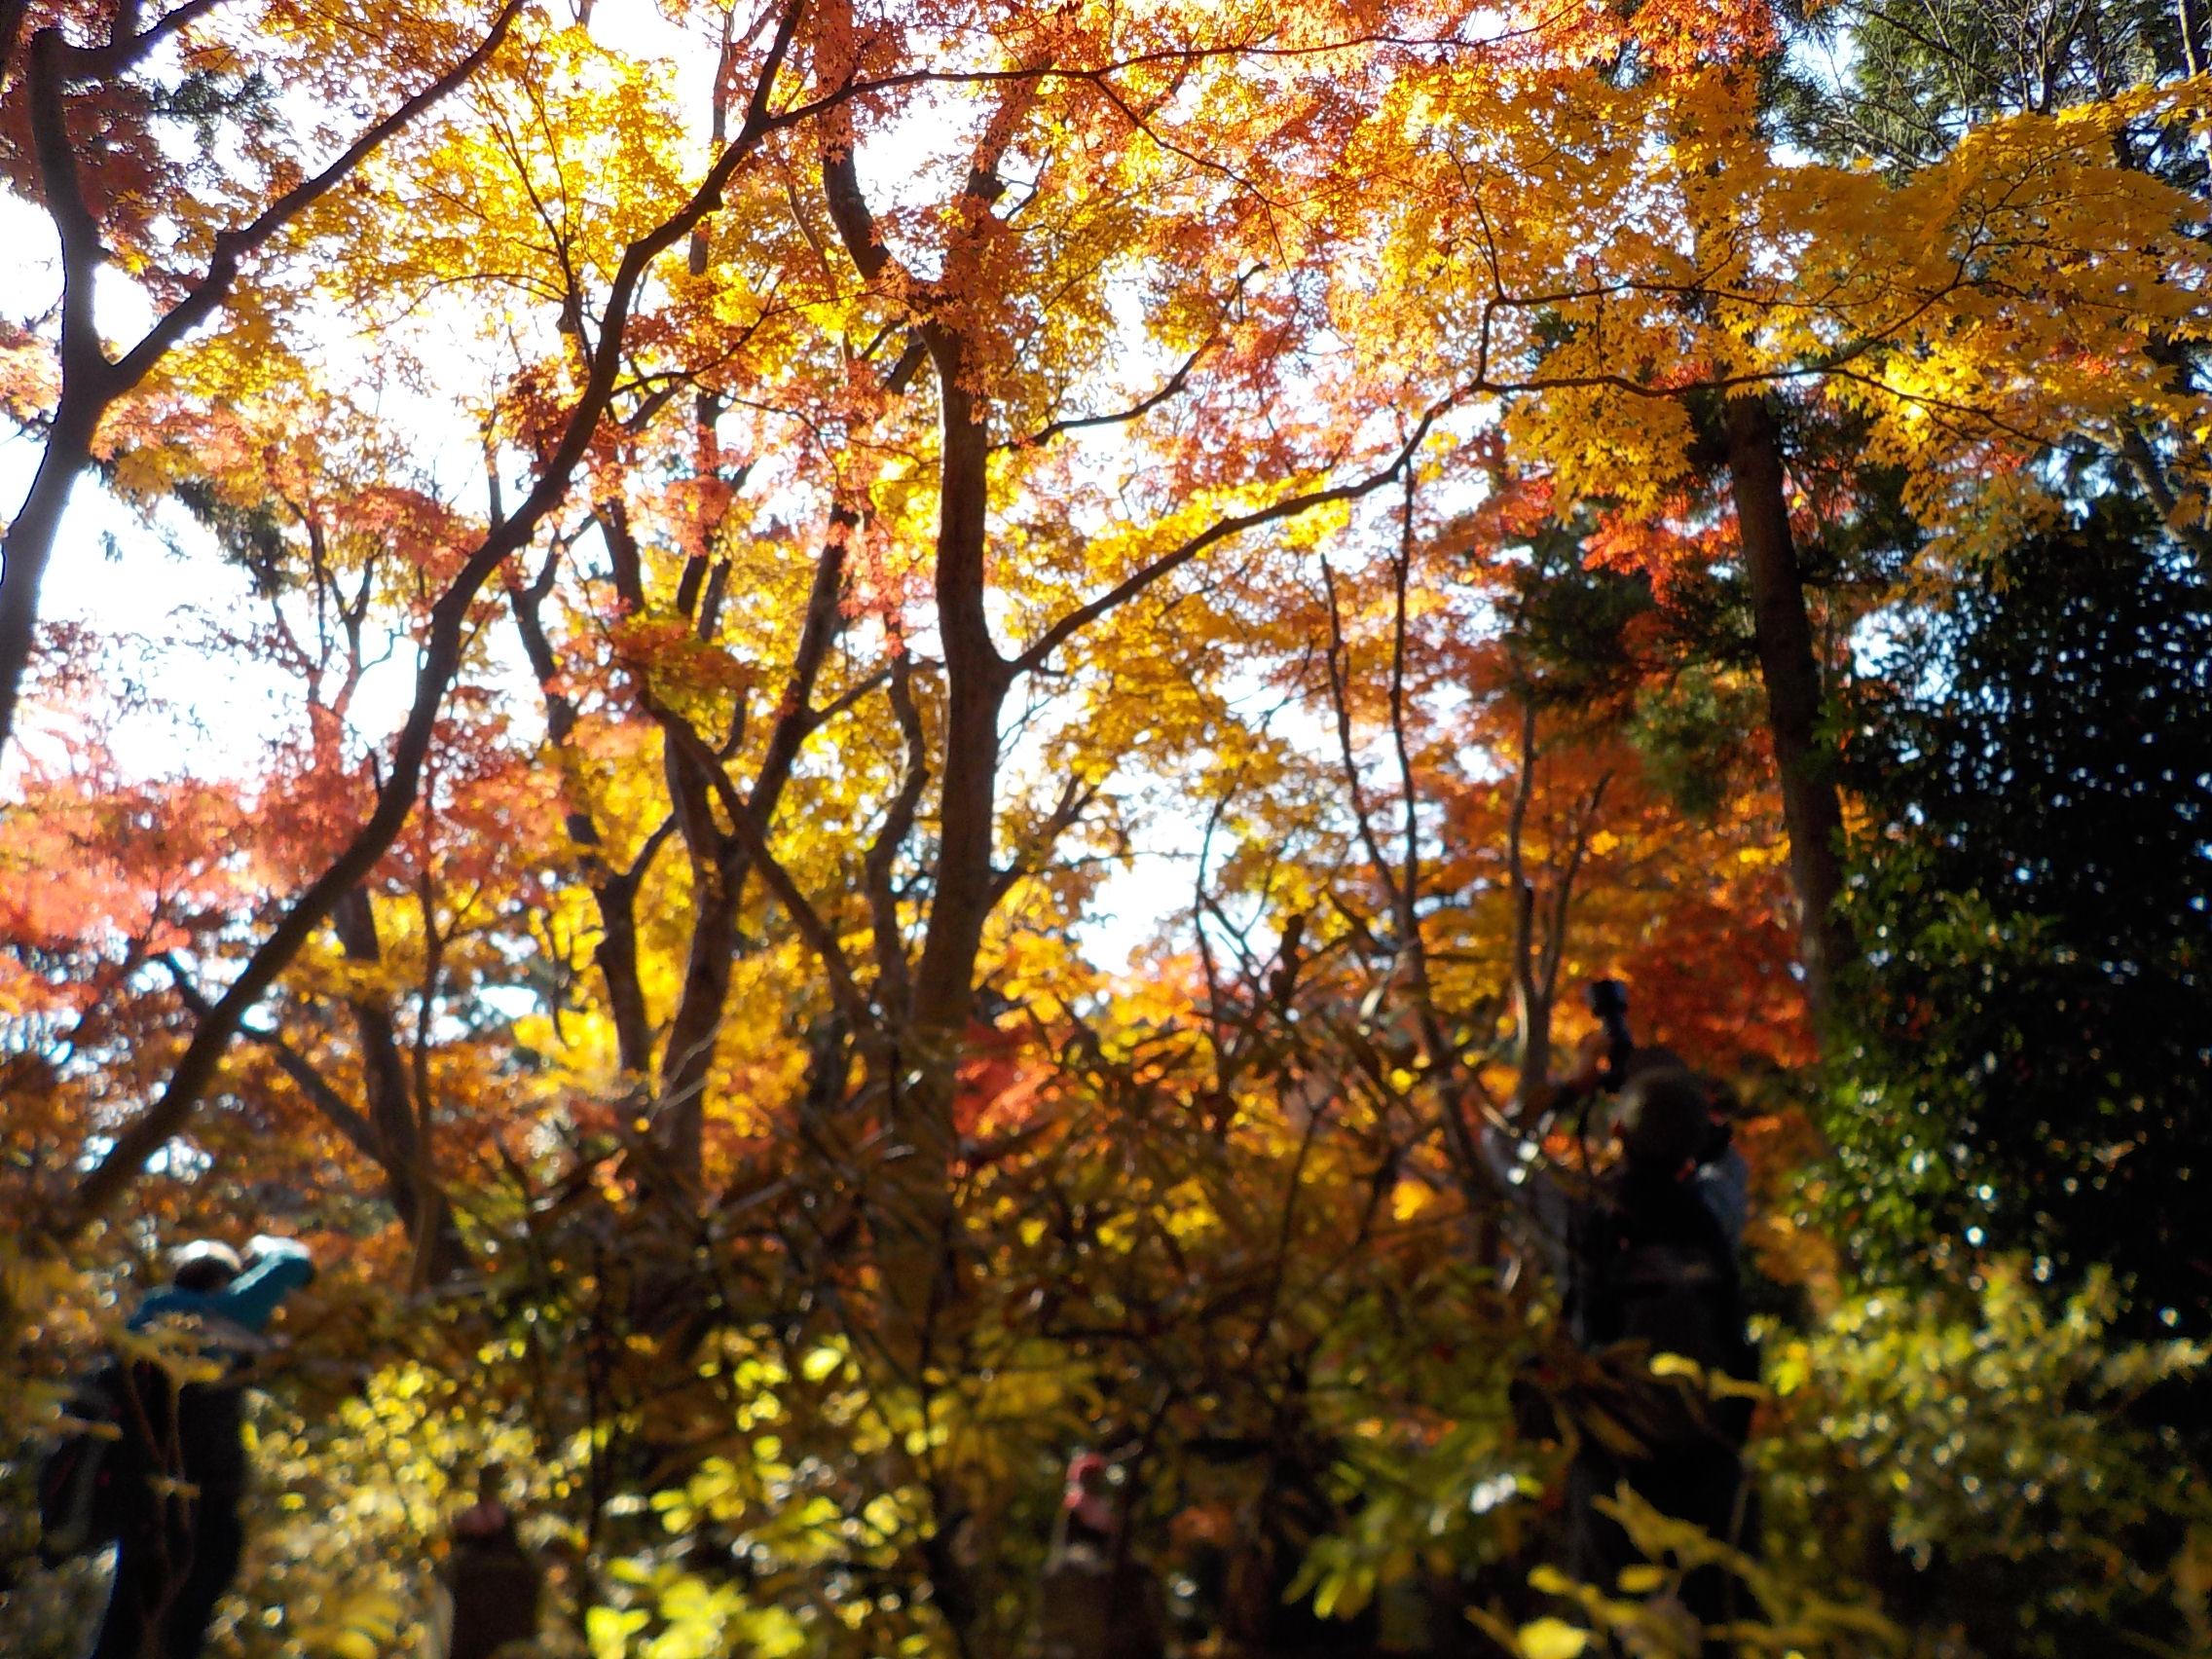 高尾山の紅葉 | 私のページ(りょうちゃん)